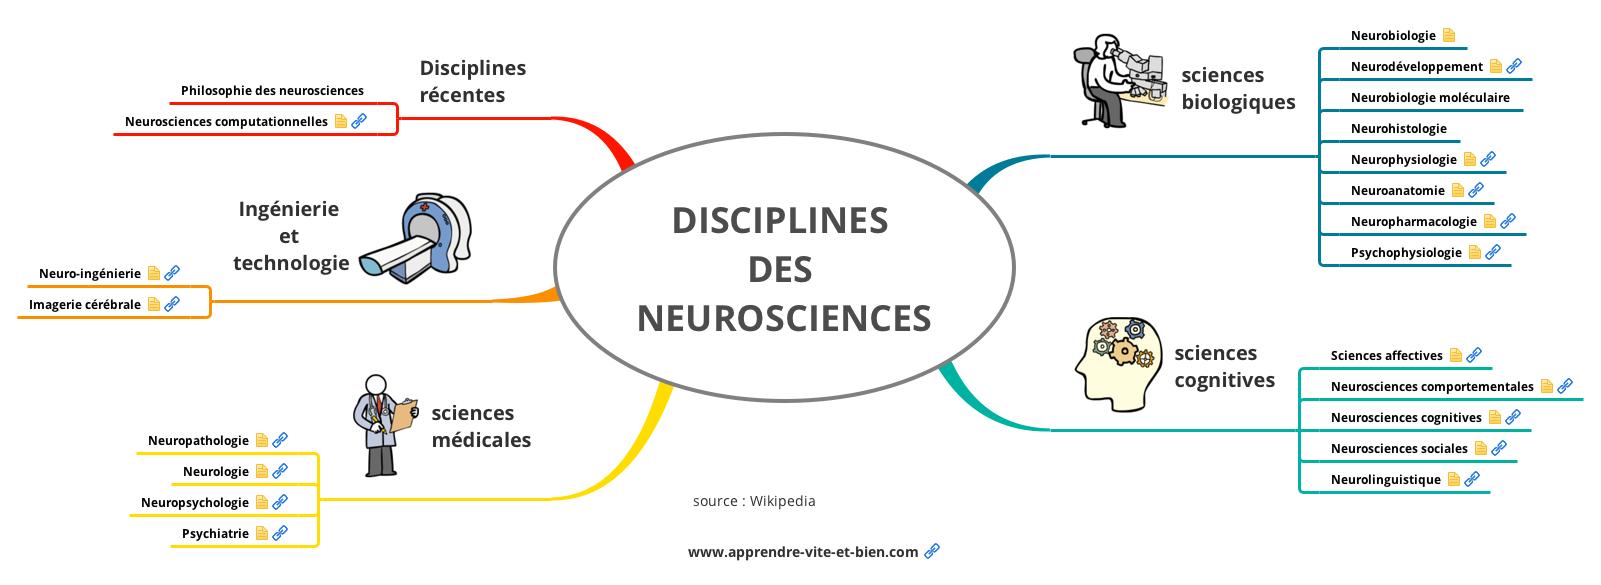 Les disciplines des neurosciences